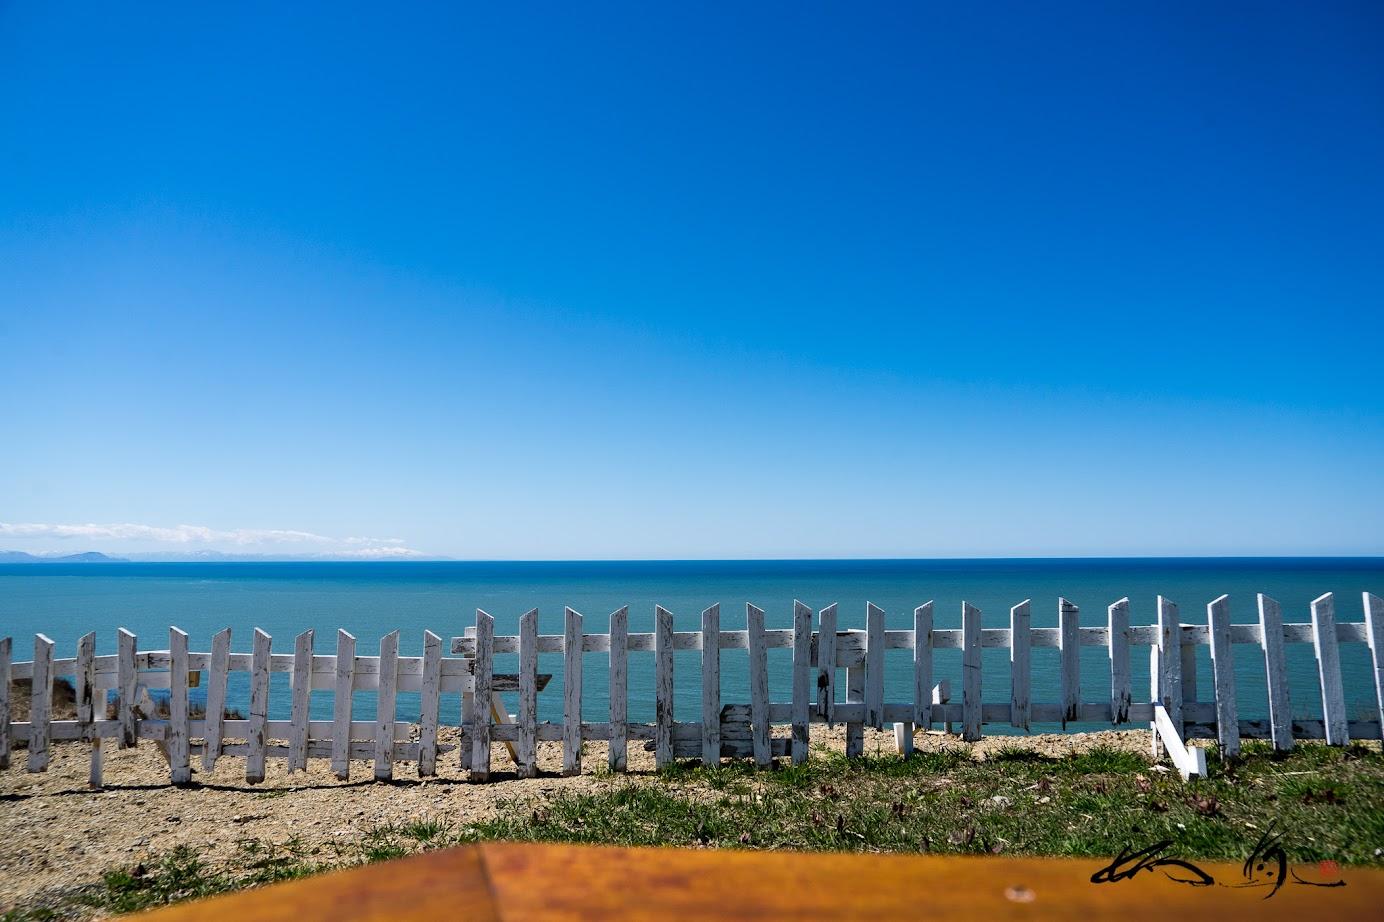 コバルトブルーの空と海